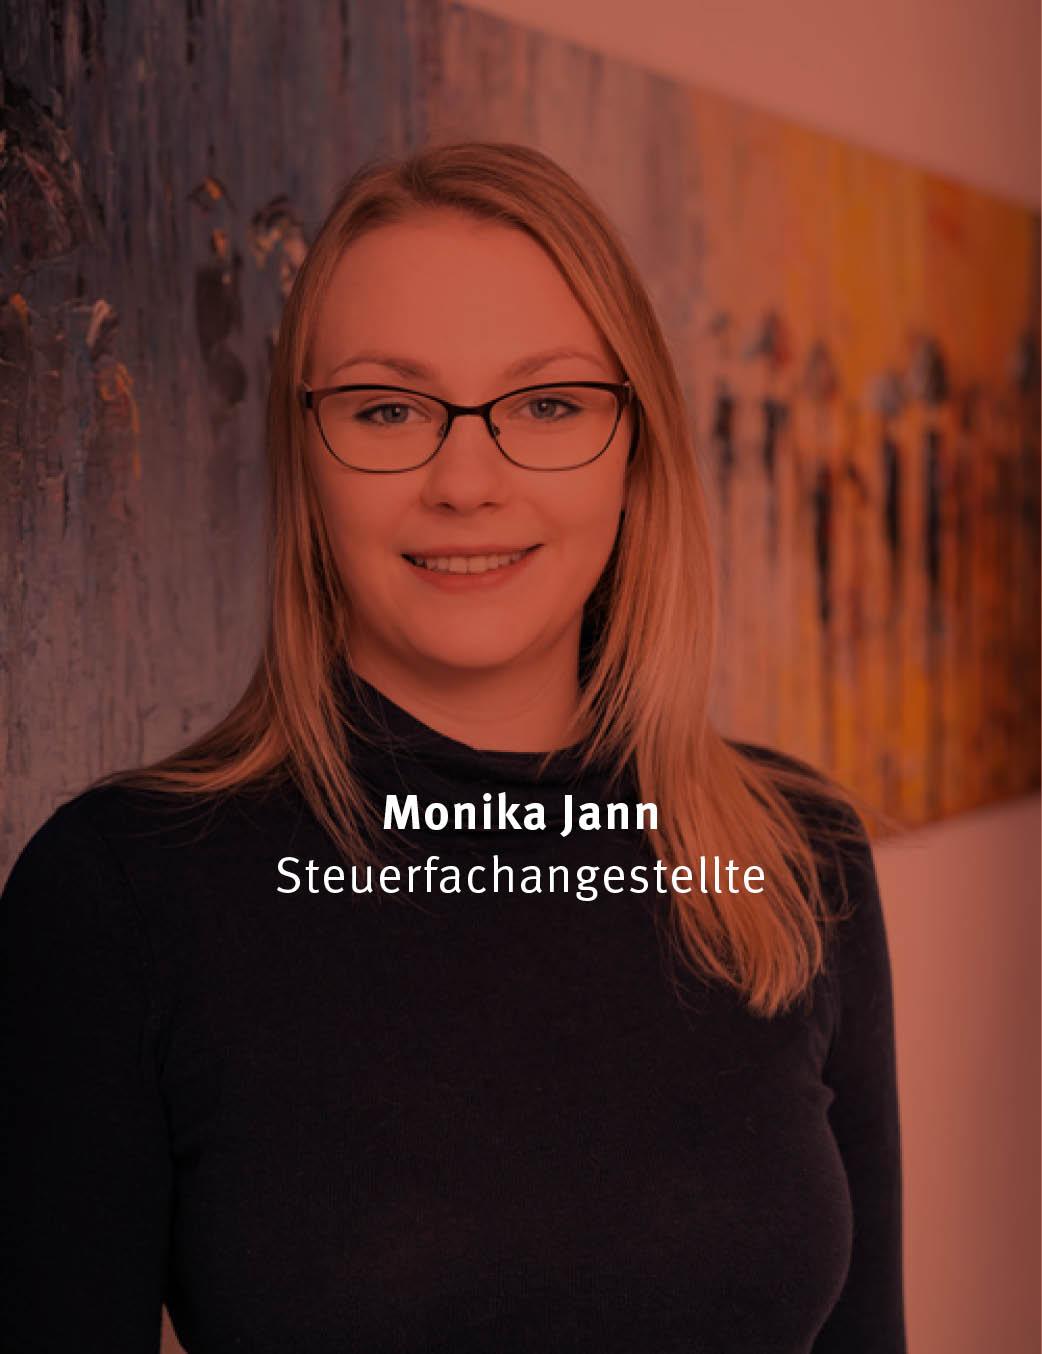 Monika Jann Steuerfachangestellte Steuerberater Langenau Klaiber, Lotspeich, Kneer, Anhorn, Stiele, Partnerschaft mbB, Steuer, Langenau